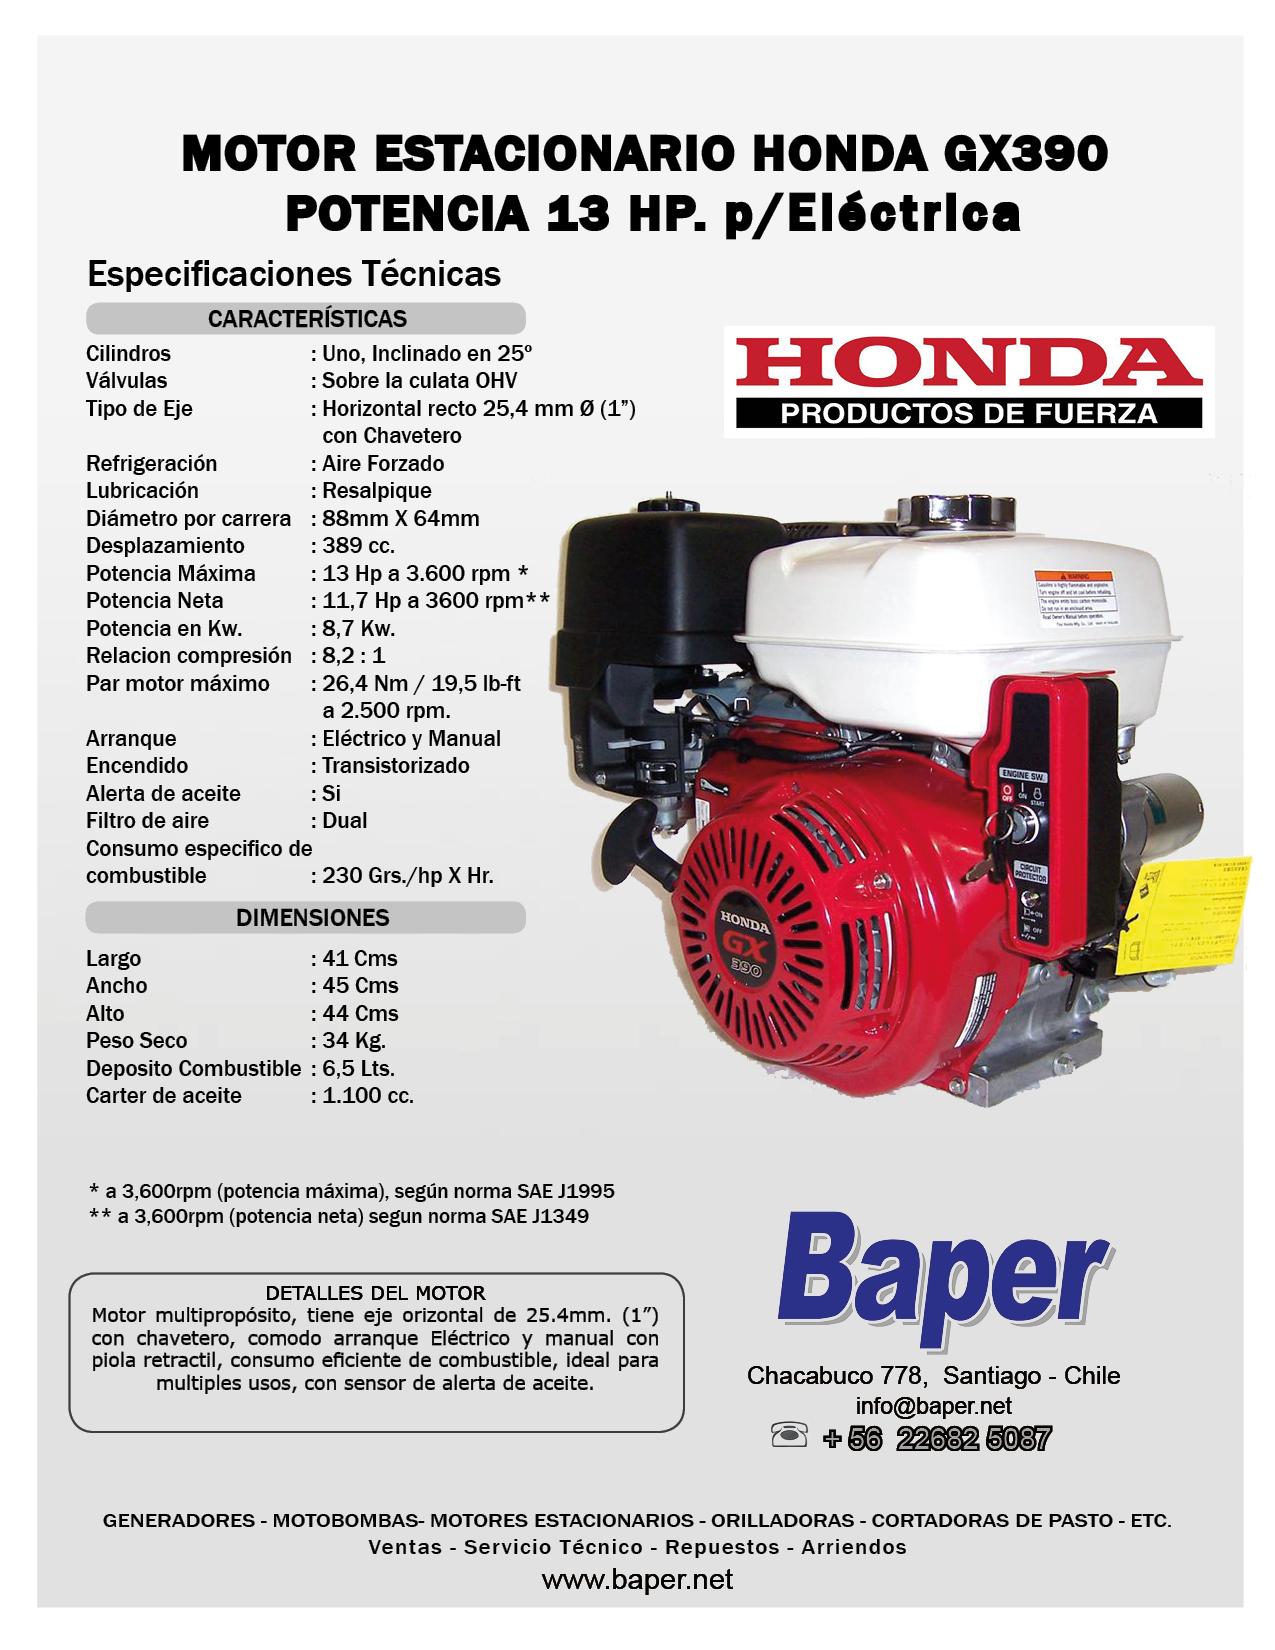 motor estacionario honda bencinero gx390 13 hp arranque electrico rh baper net Comprar Recambios Chaffoteaux Recambios Coches Sin Carnet Sevilla